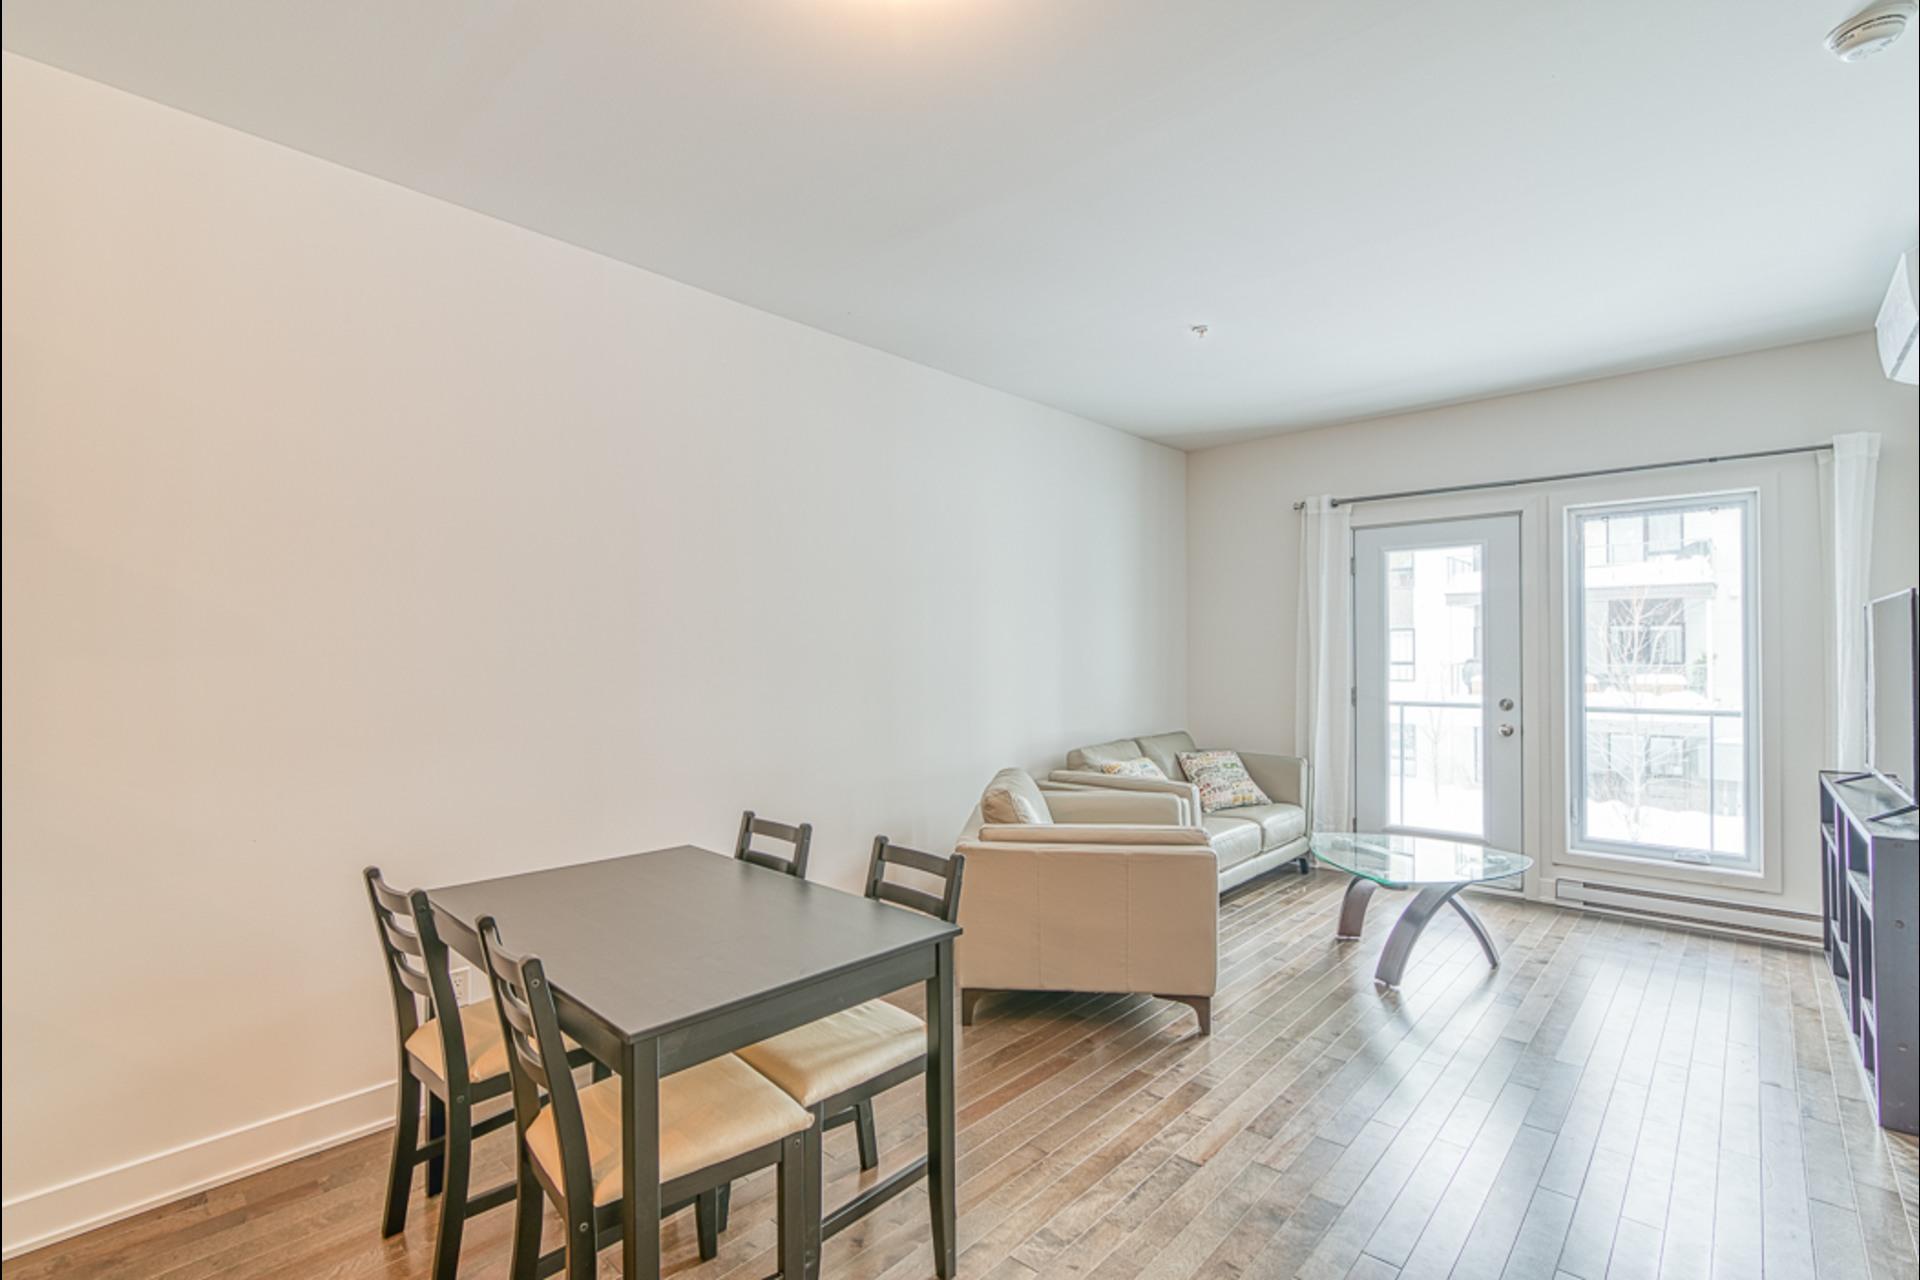 image 2 - MX - Condominio vertical - MX Para alquiler Montréal - 3 habitaciones